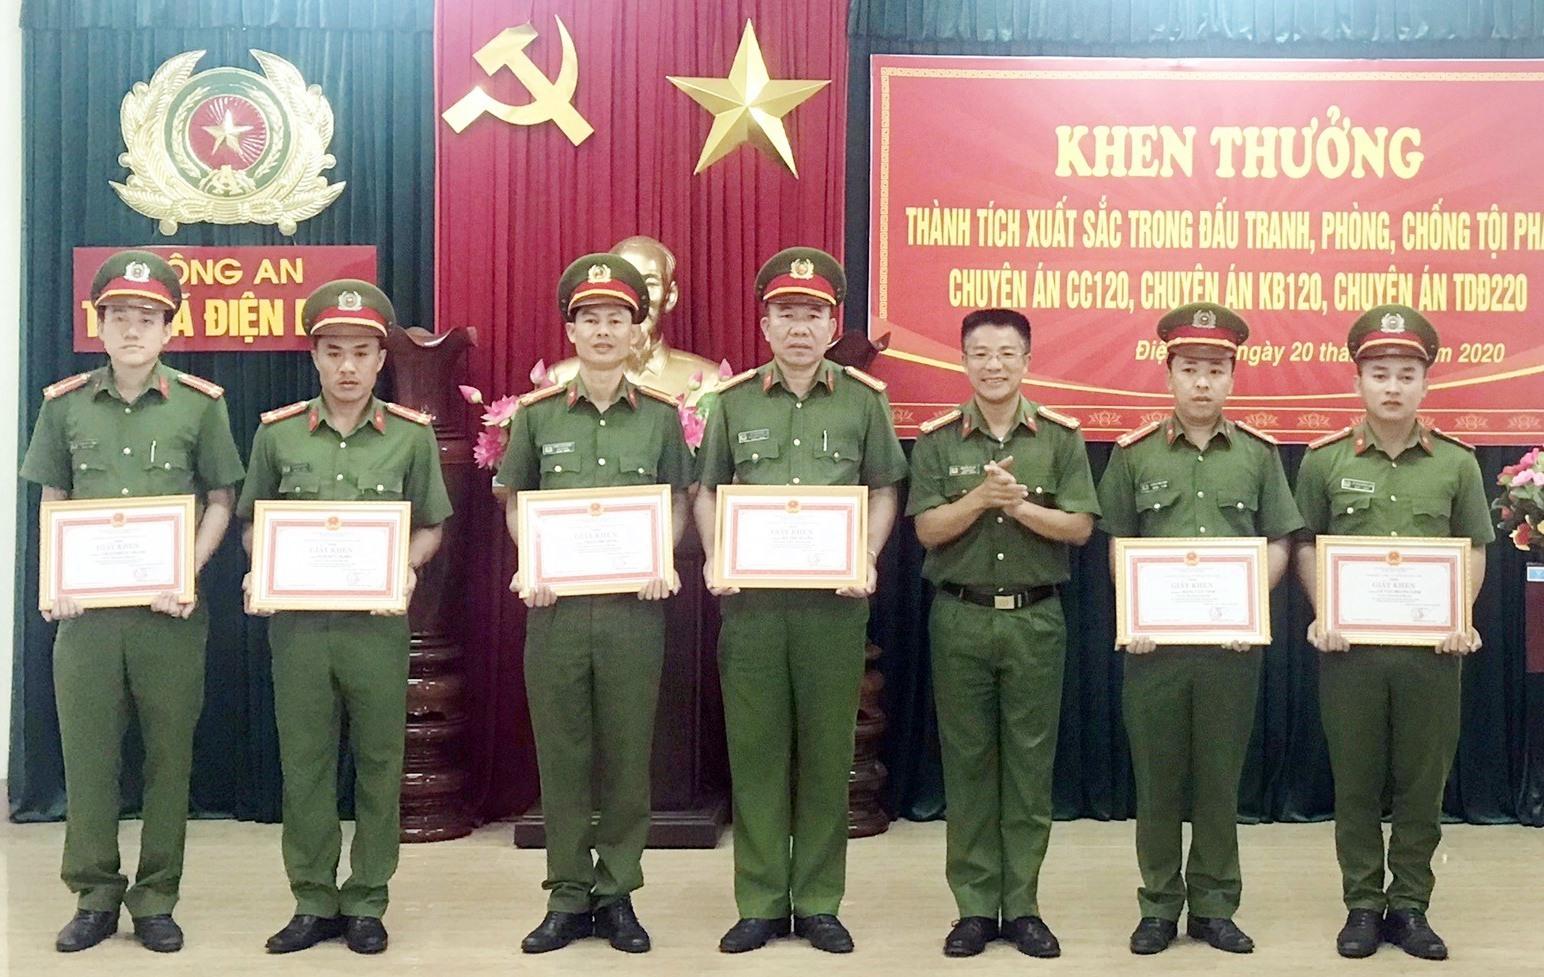 Nhiều cá nhân được khen thưởng nhờ xuất sắc phá 3 chuyên án liên tiếp